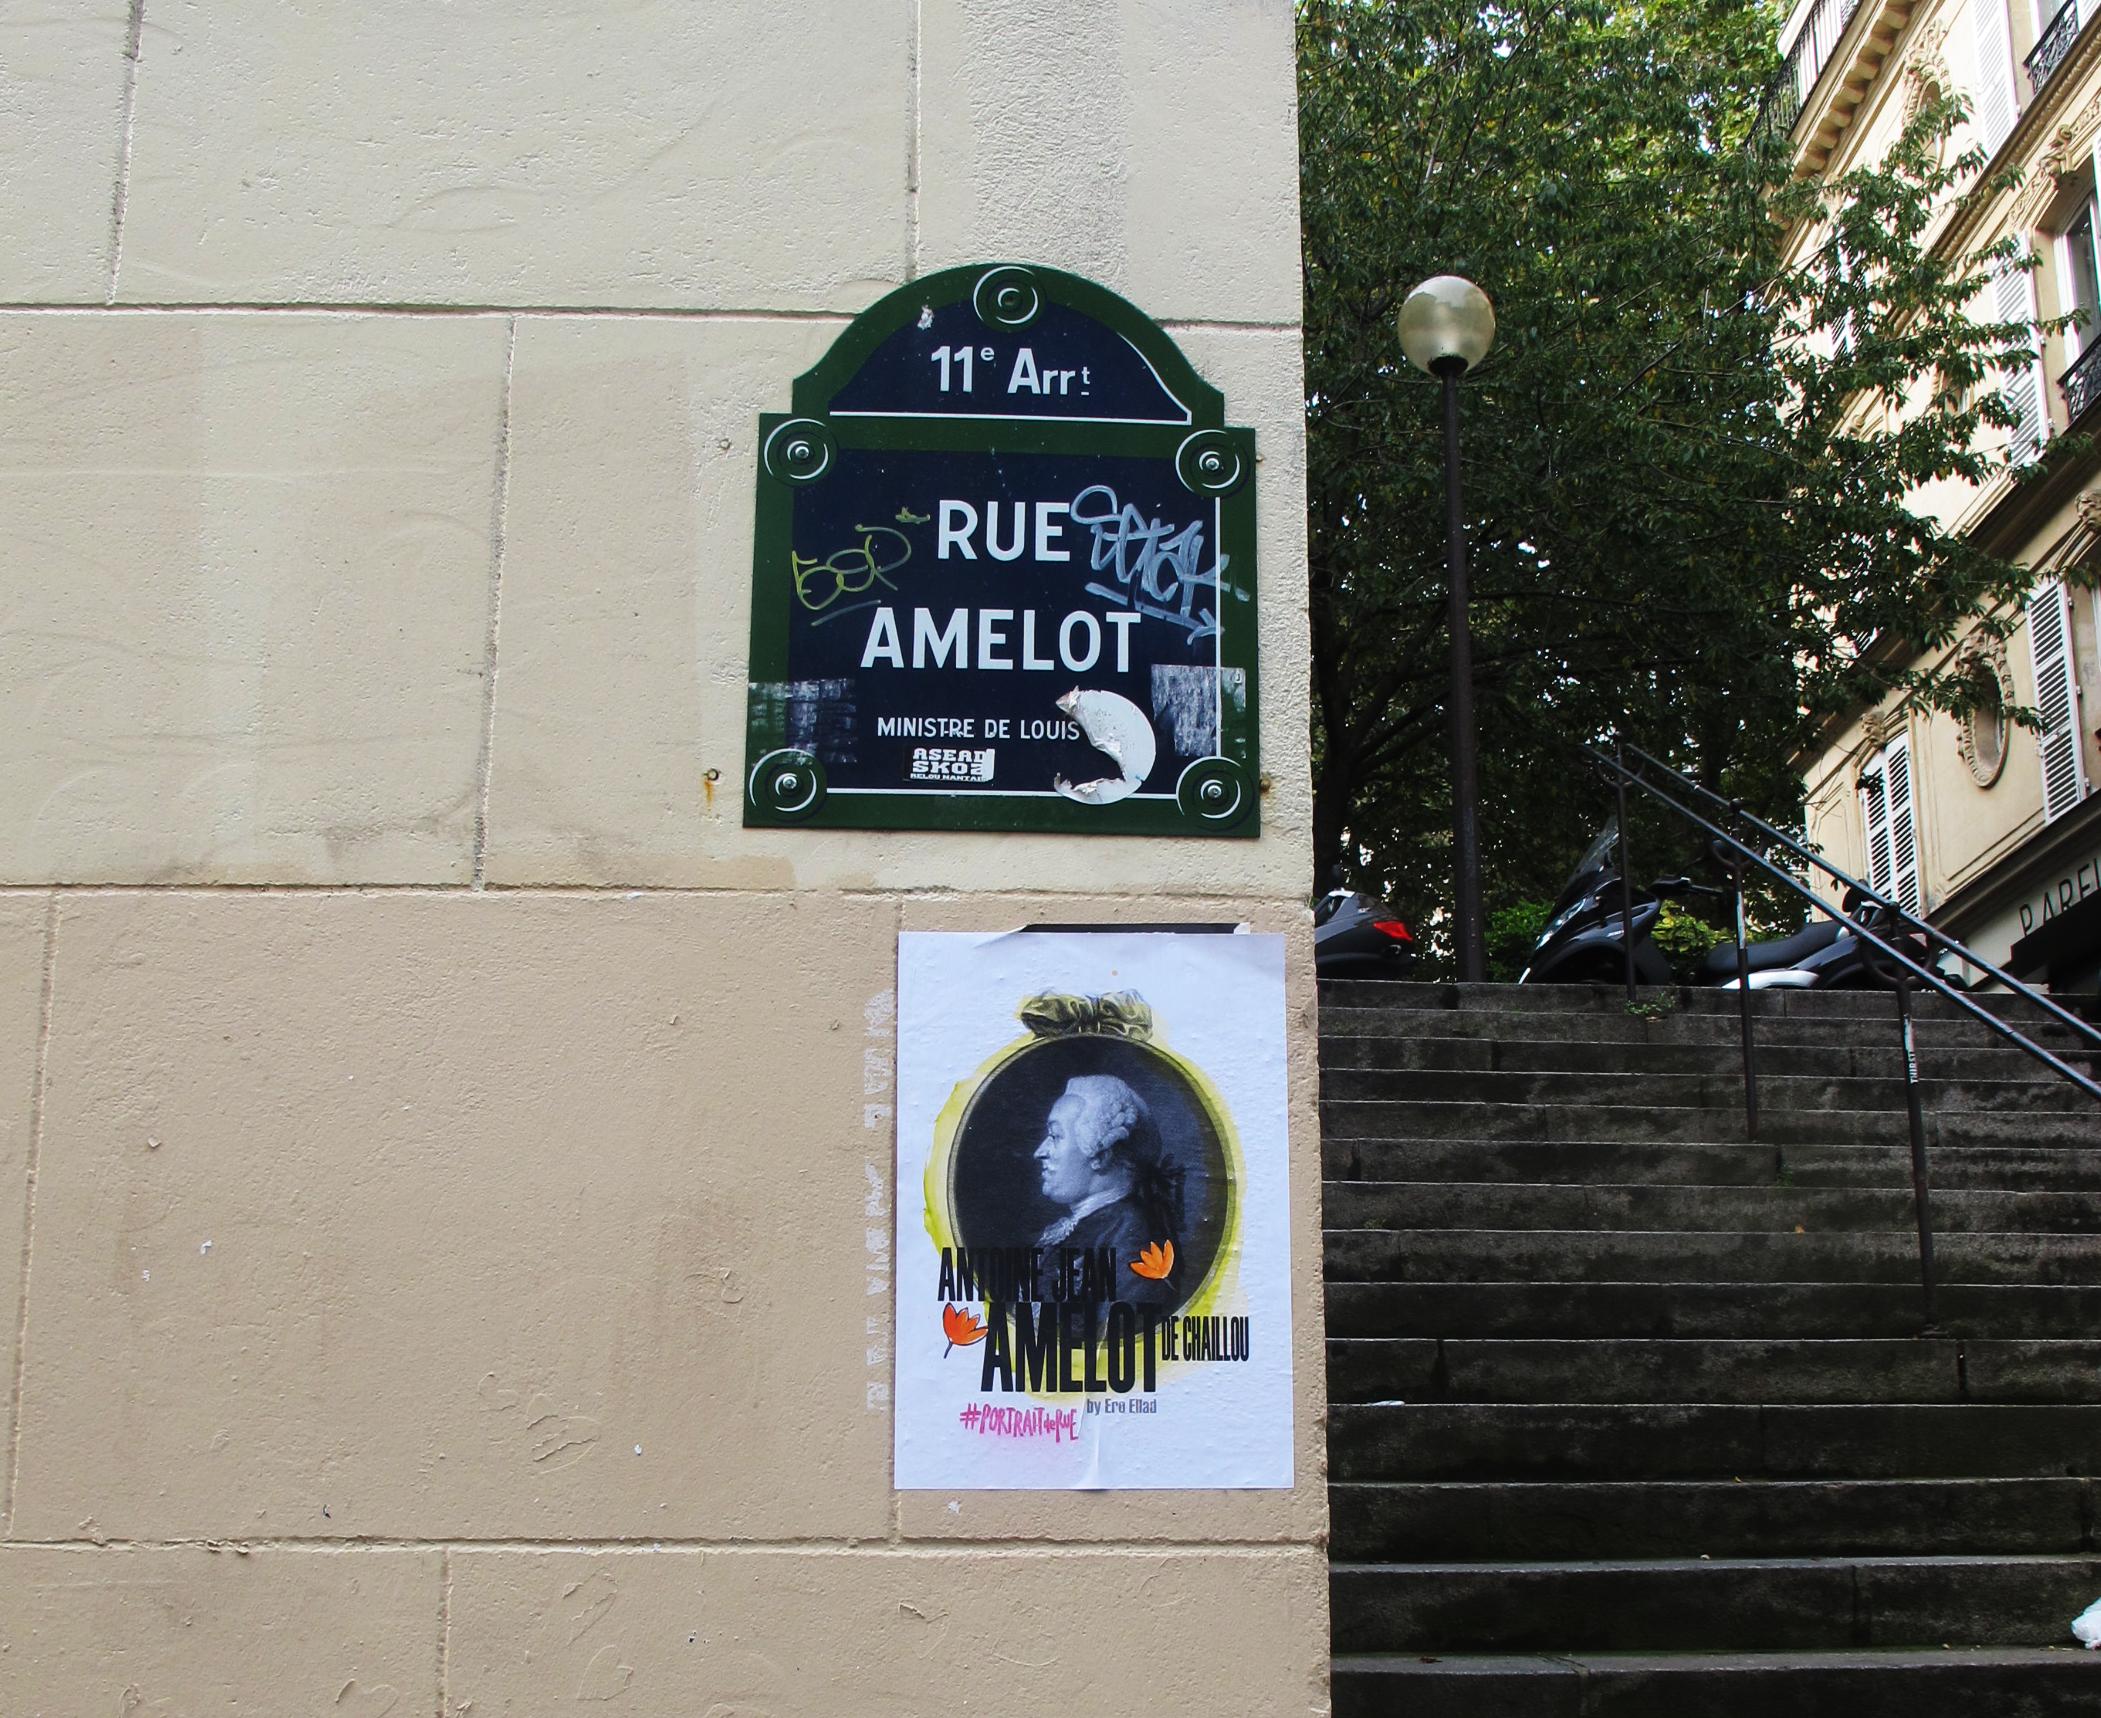 rue amelot.JPG